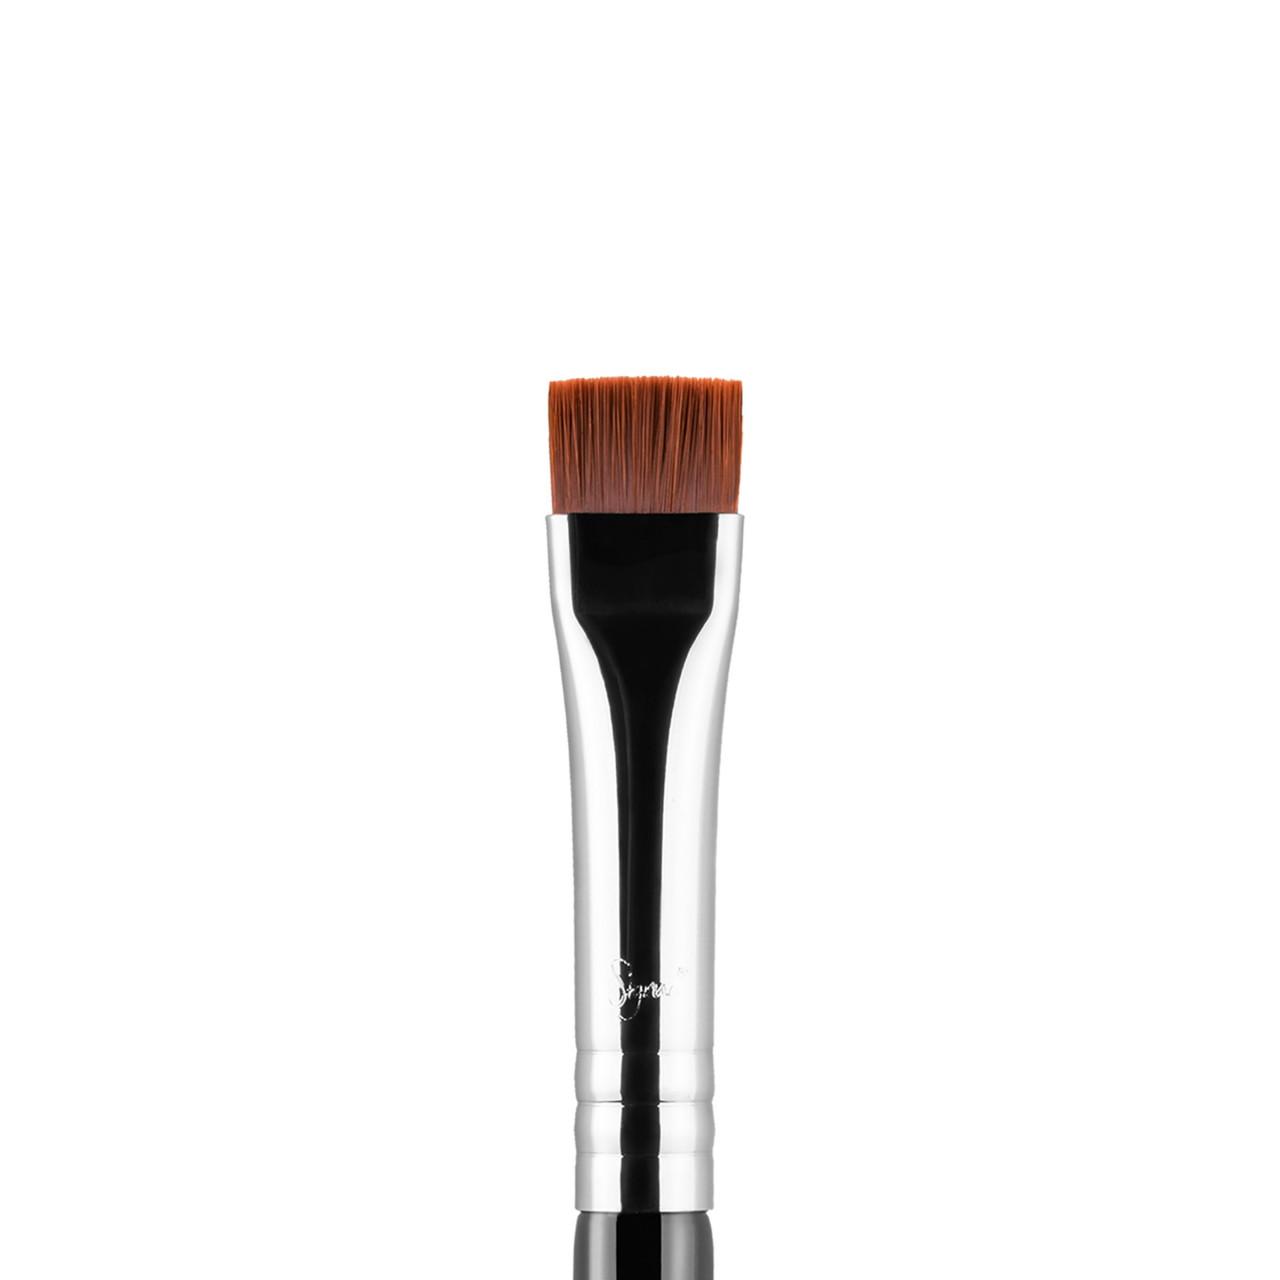 Sigma - Brushes E15 Flat Definer Brush -